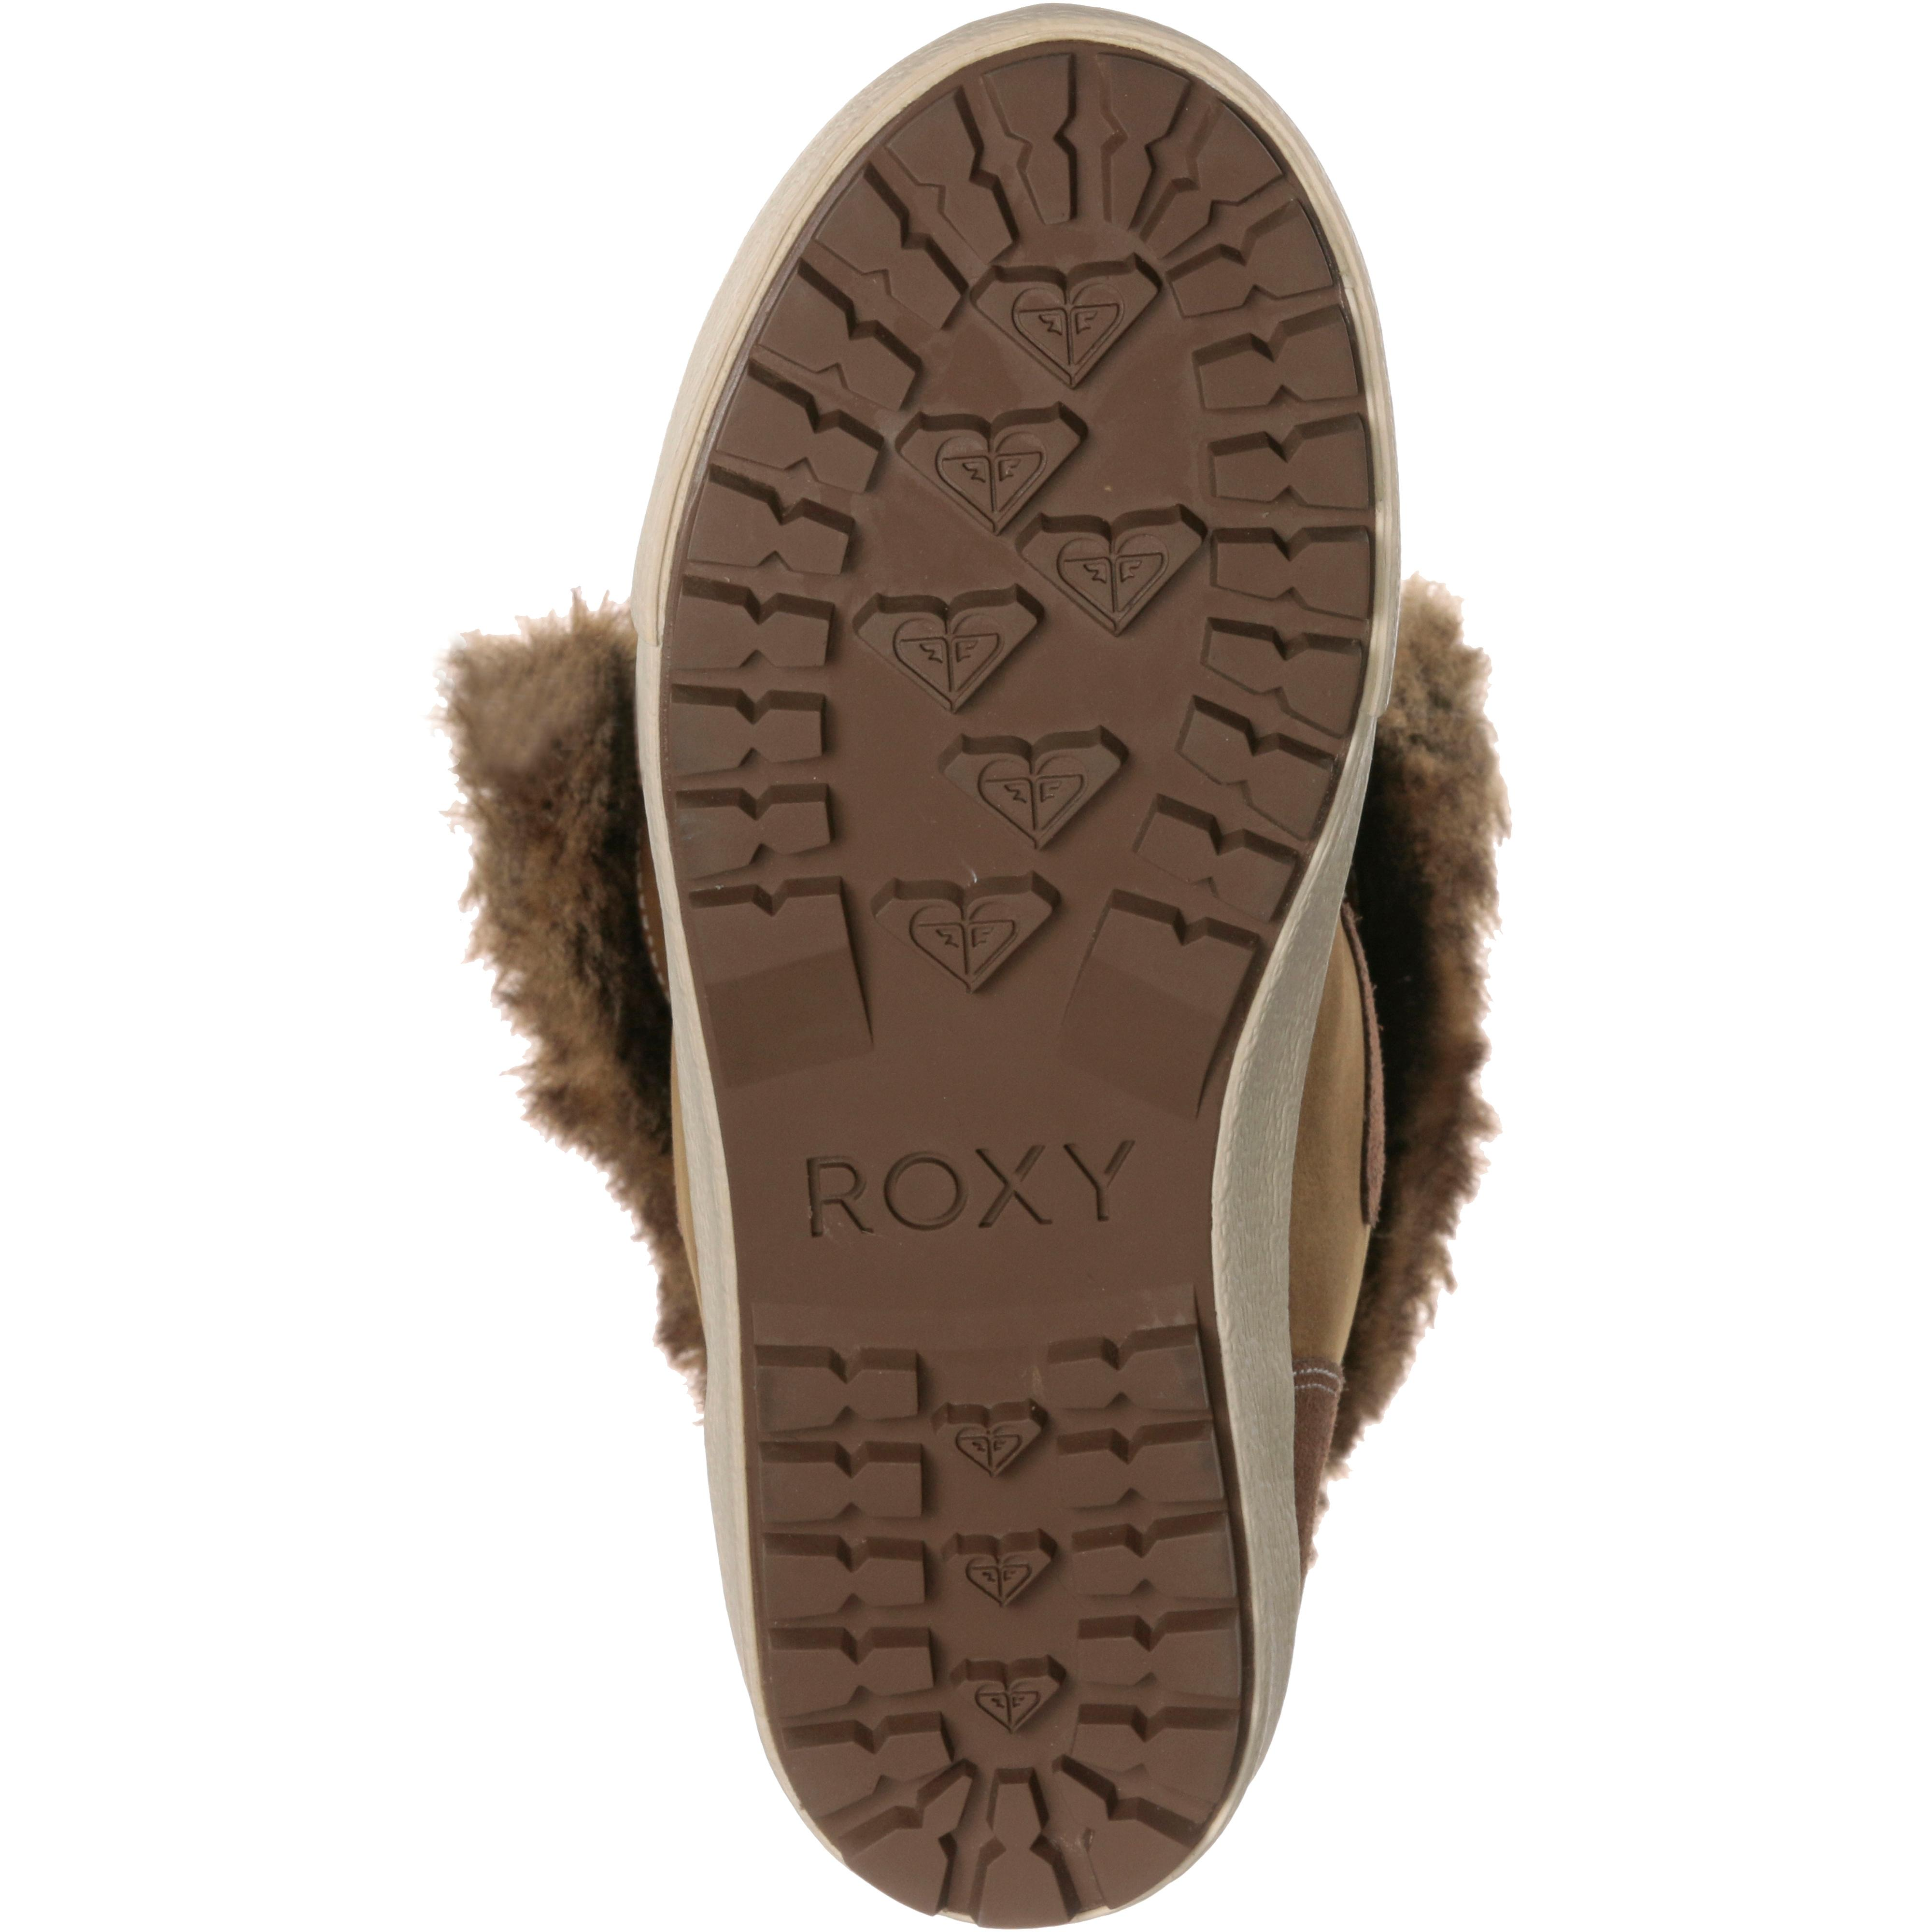 Roxy RAINIER Stiefel Damen braun im im im Online Shop von SportScheck kaufen Gute Qualität beliebte Schuhe 11be8e